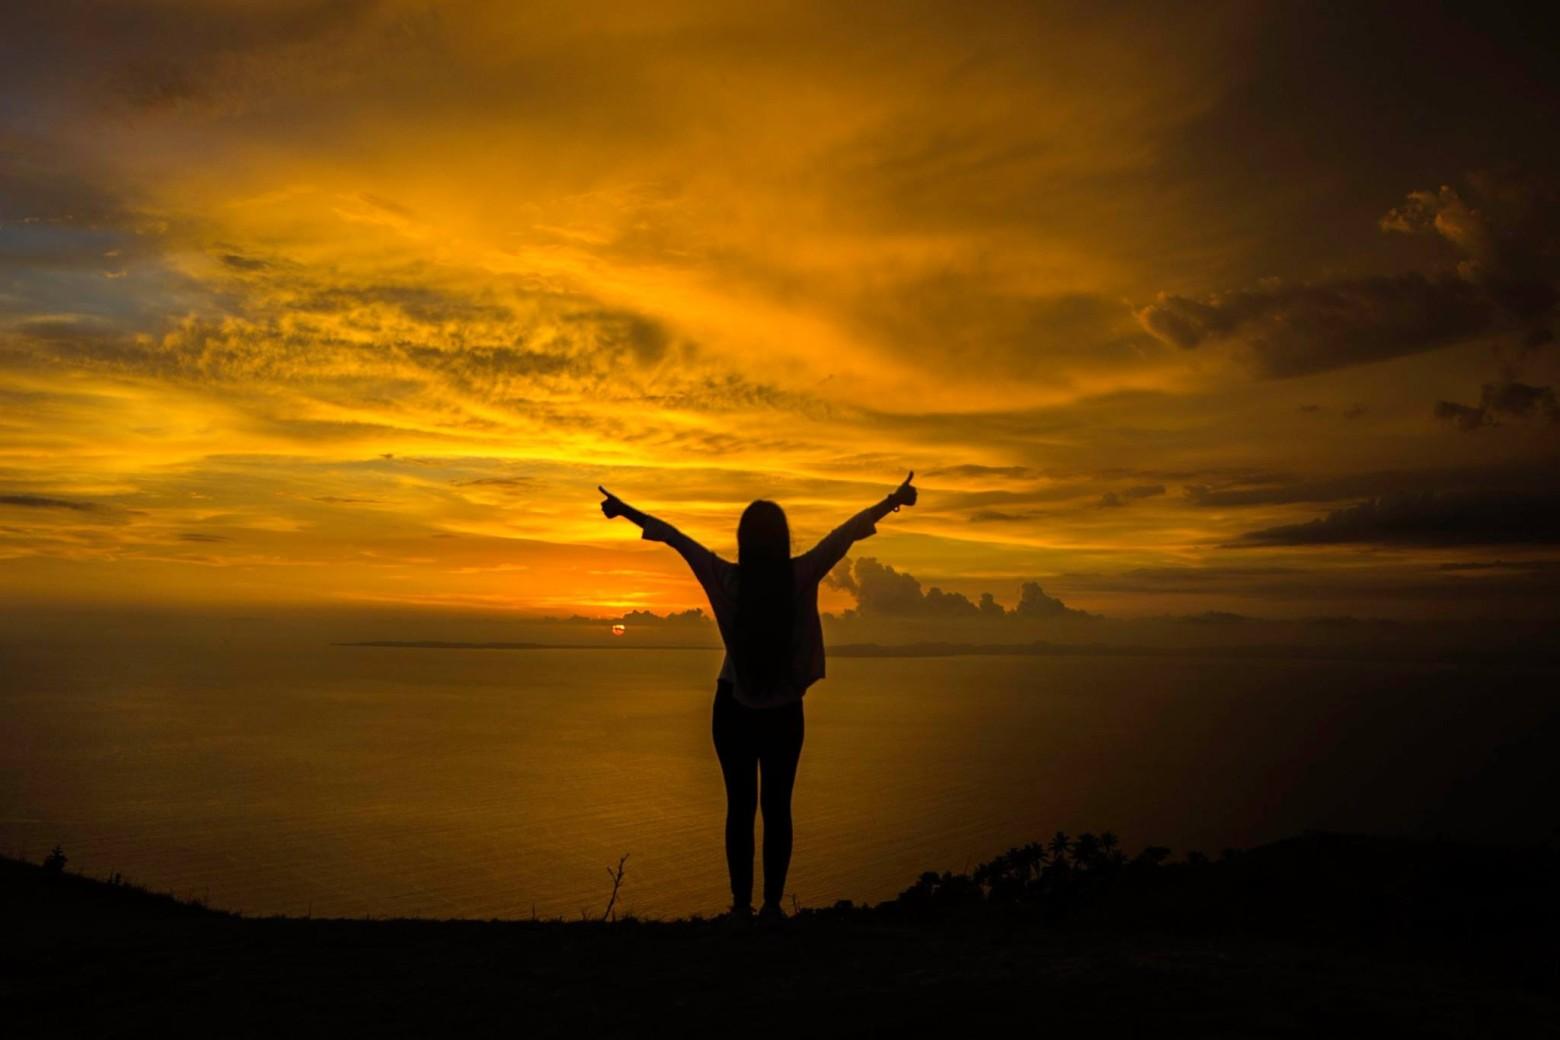 Fabuleux joie bonheur victoire atteindre le sommet | images gratuites et  RJ88